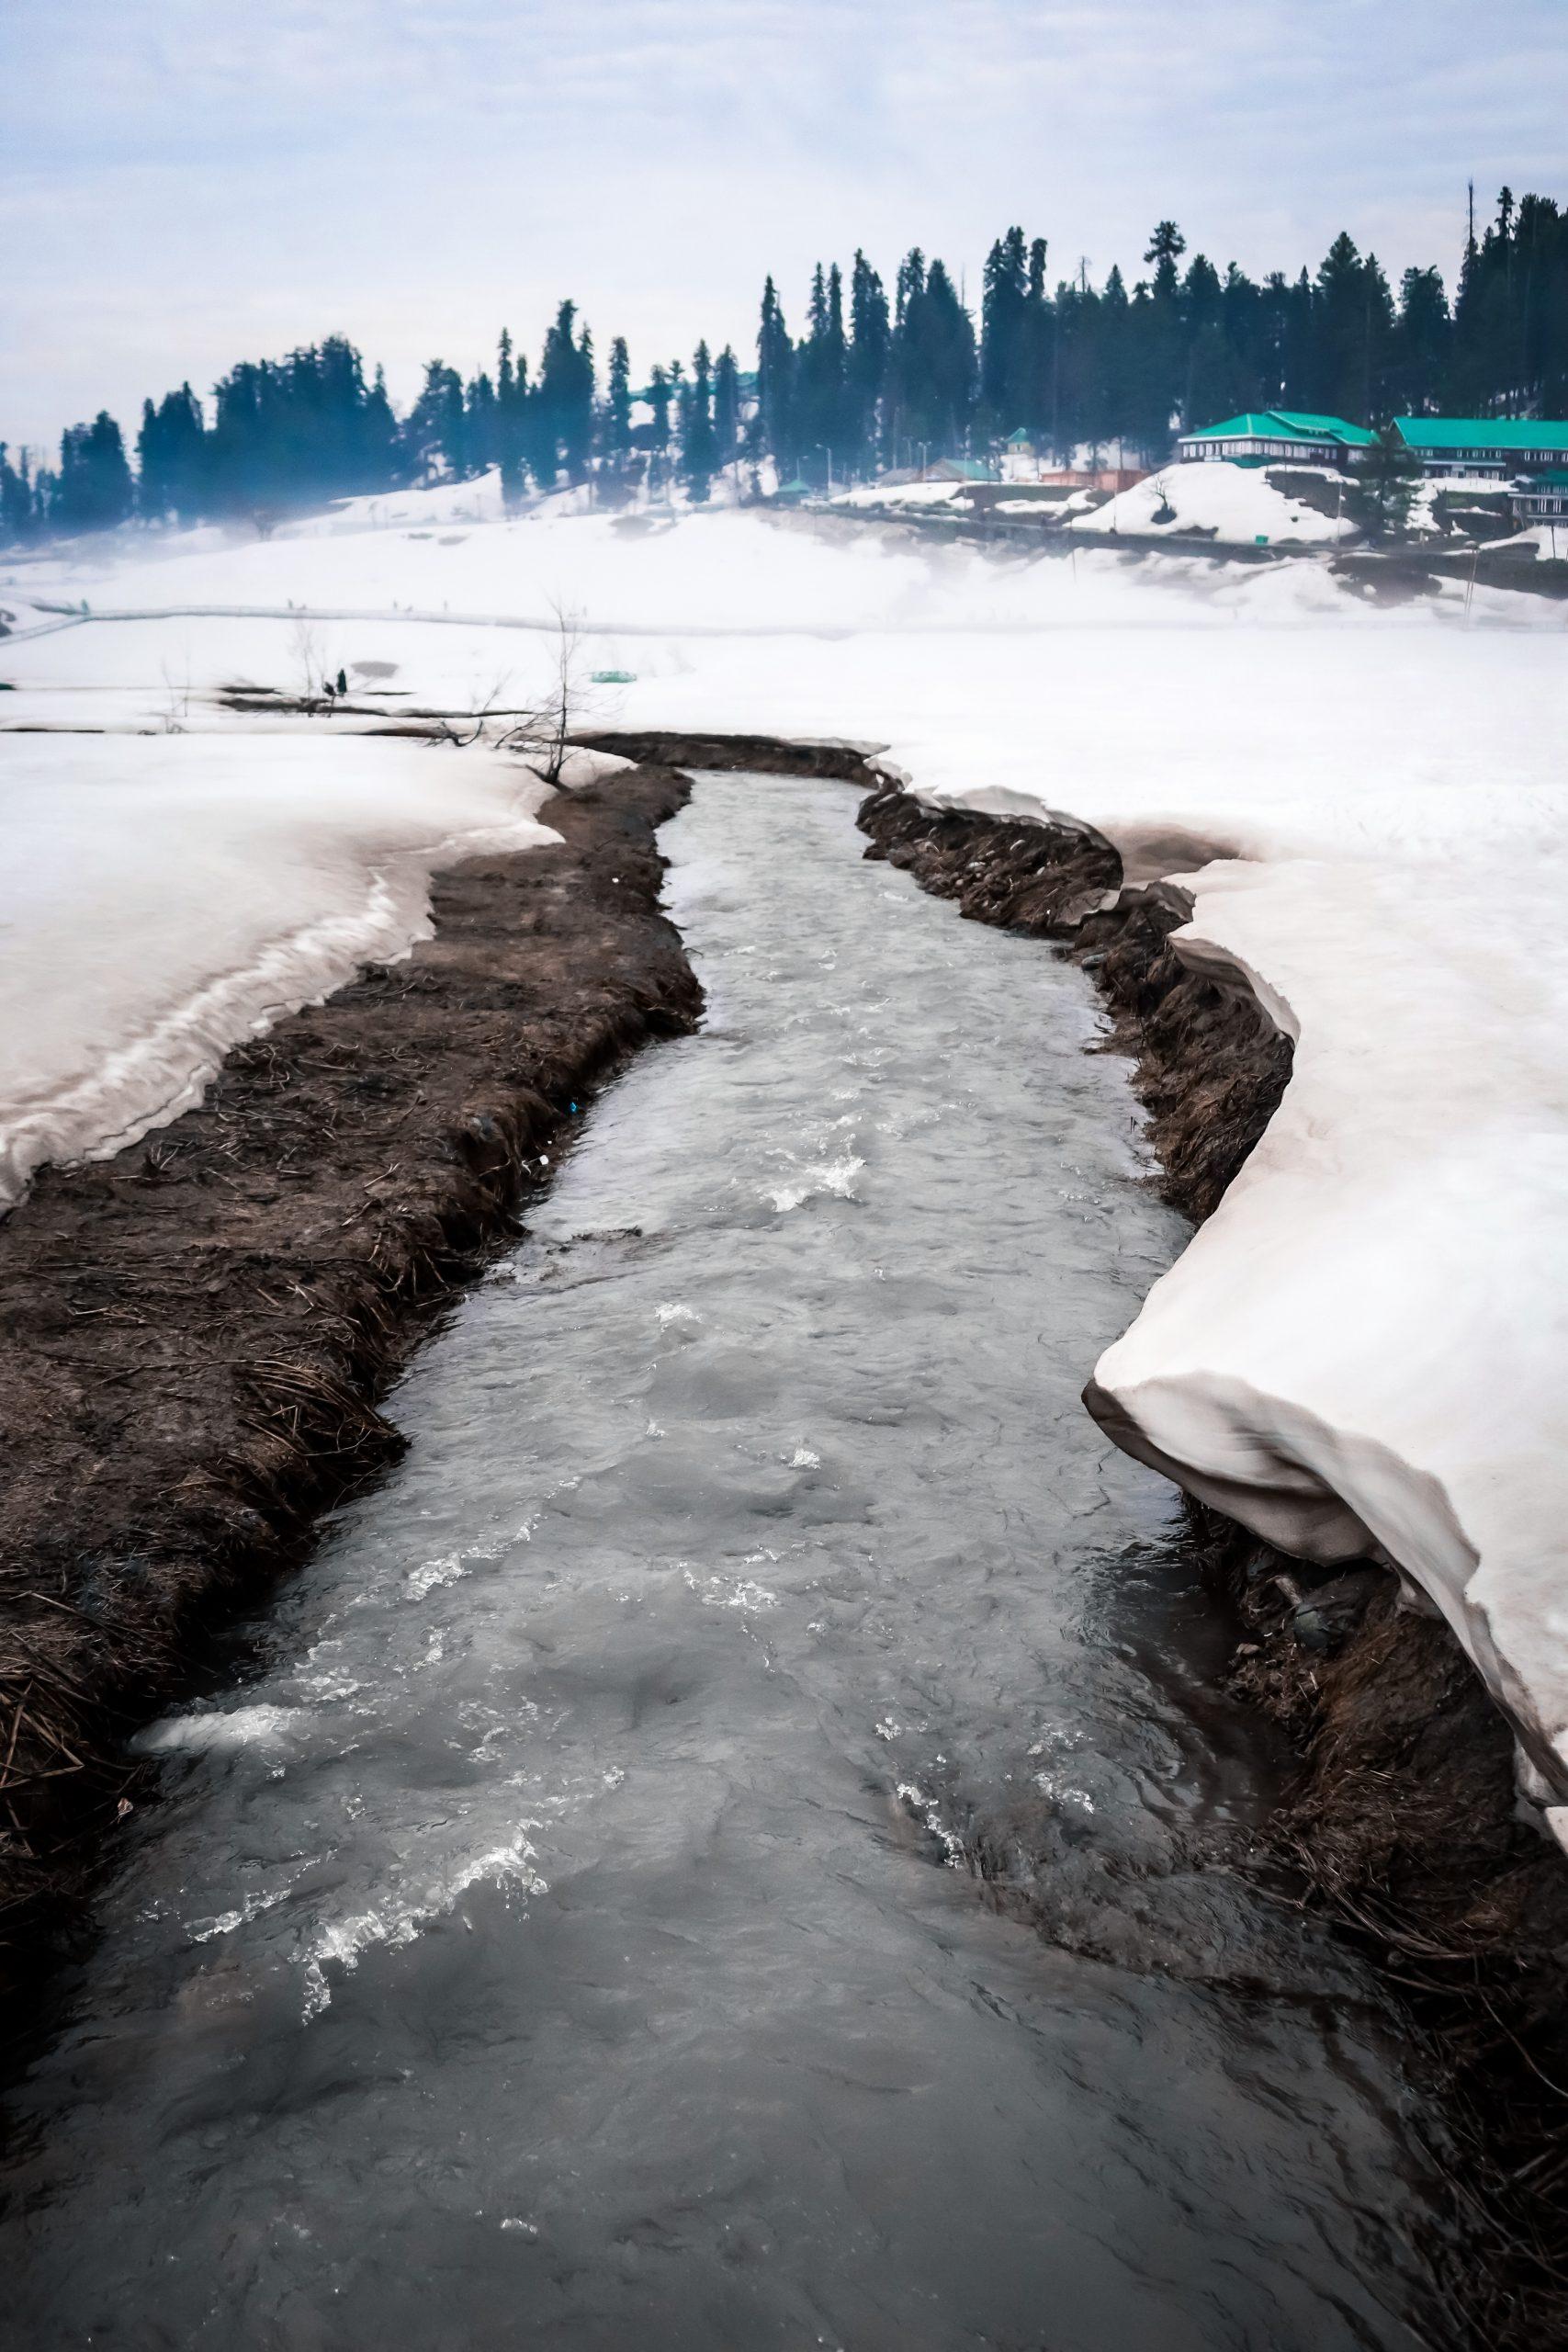 Snowing Beauty of Kashmir